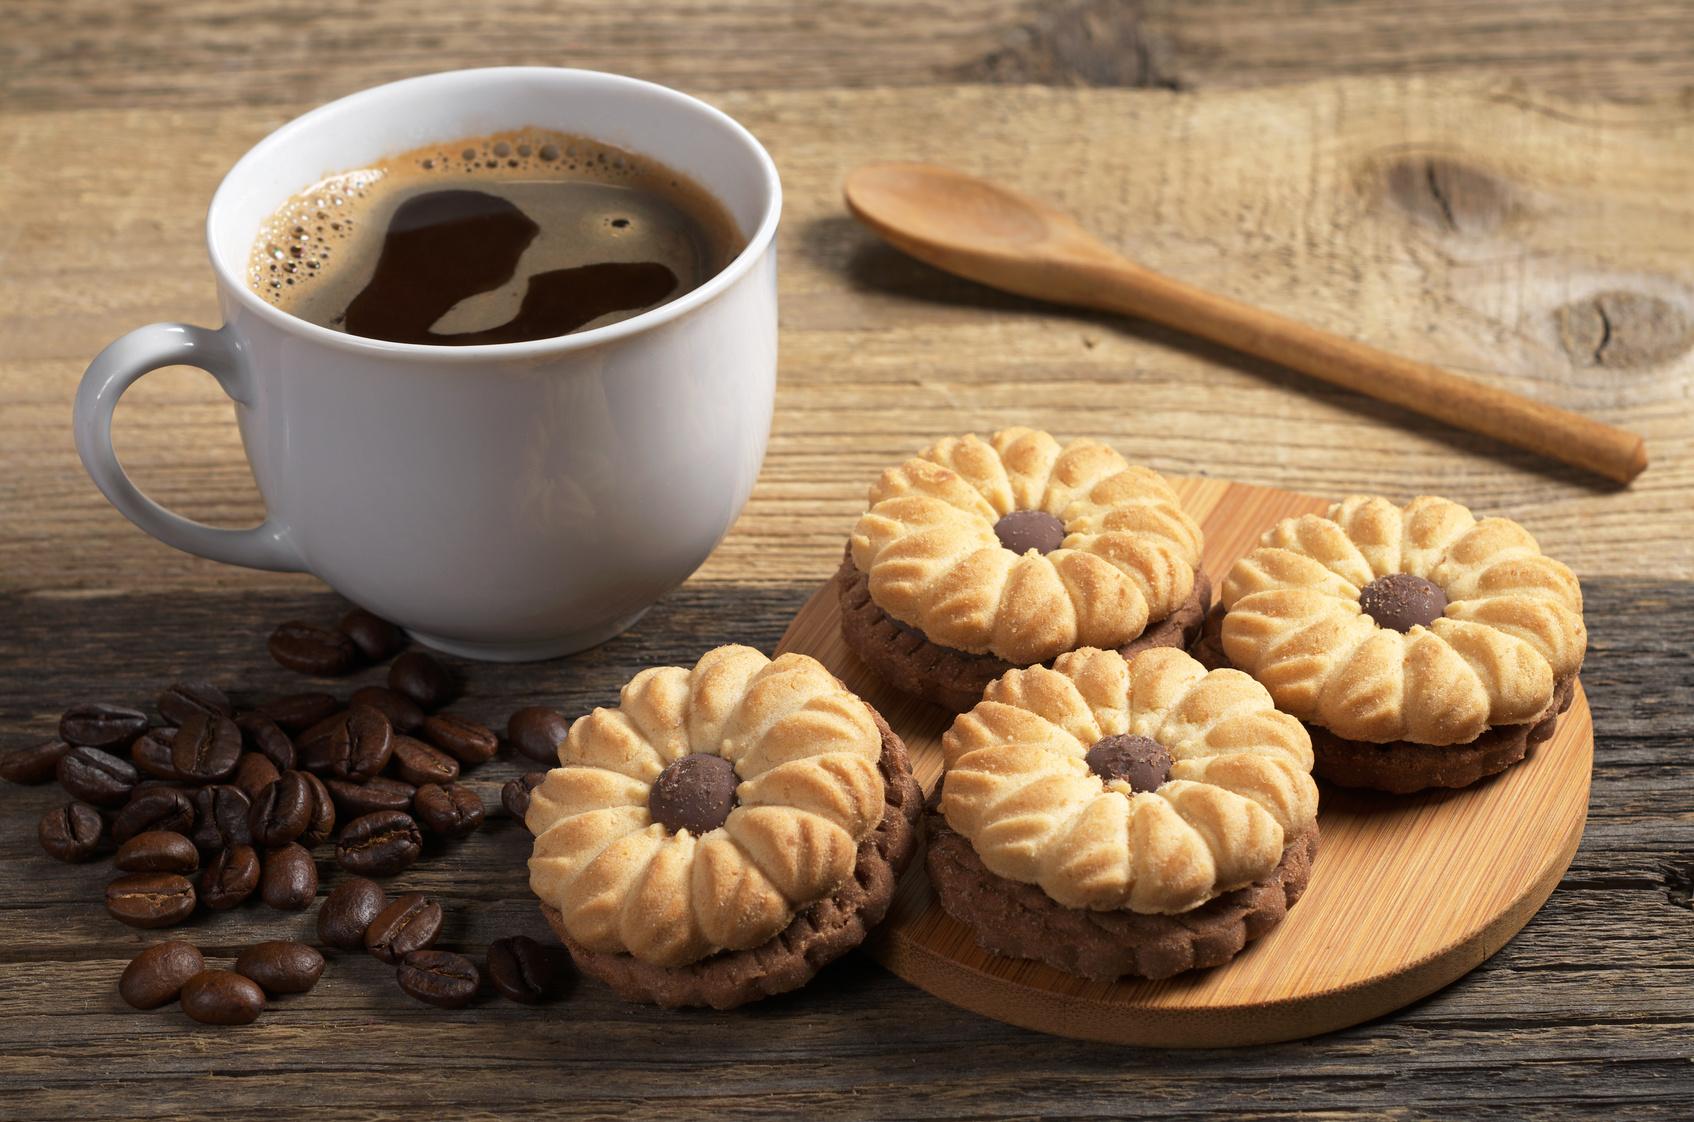 producenci słodyczy - kruche ciasteczka